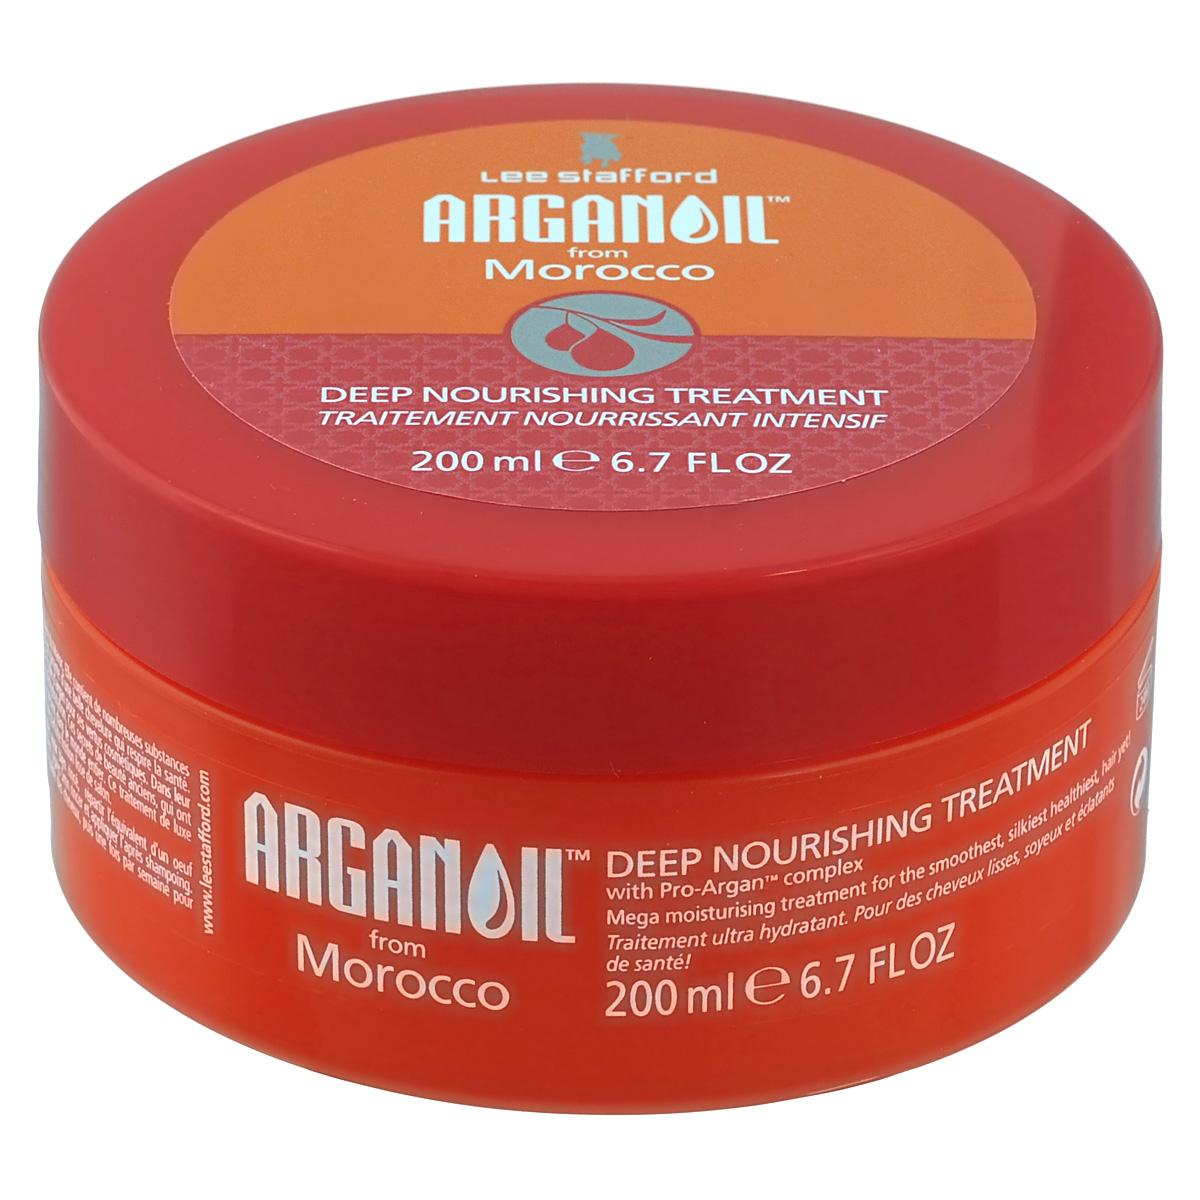 Lee Stafford Интенсивная питательная маска для волос с аргановым маслом Arganoil From Marocco, 200 млFS-00897M06000 Lee Stafford Маска интенсивная питательная с аргановым маслом Arganoil from Marocco Treatment, 200 мл. Средство с комплексом Pro-Argan™ воздействует на особо уязвимые участки волос, увлажняя их и разглаживая. Используйте маску при мытье волос, между шампунем и кондиционером. После того как смыт шампунь, нанесите маску, распределите по всей длине, оставьте на 5 минут. Затем смойте.